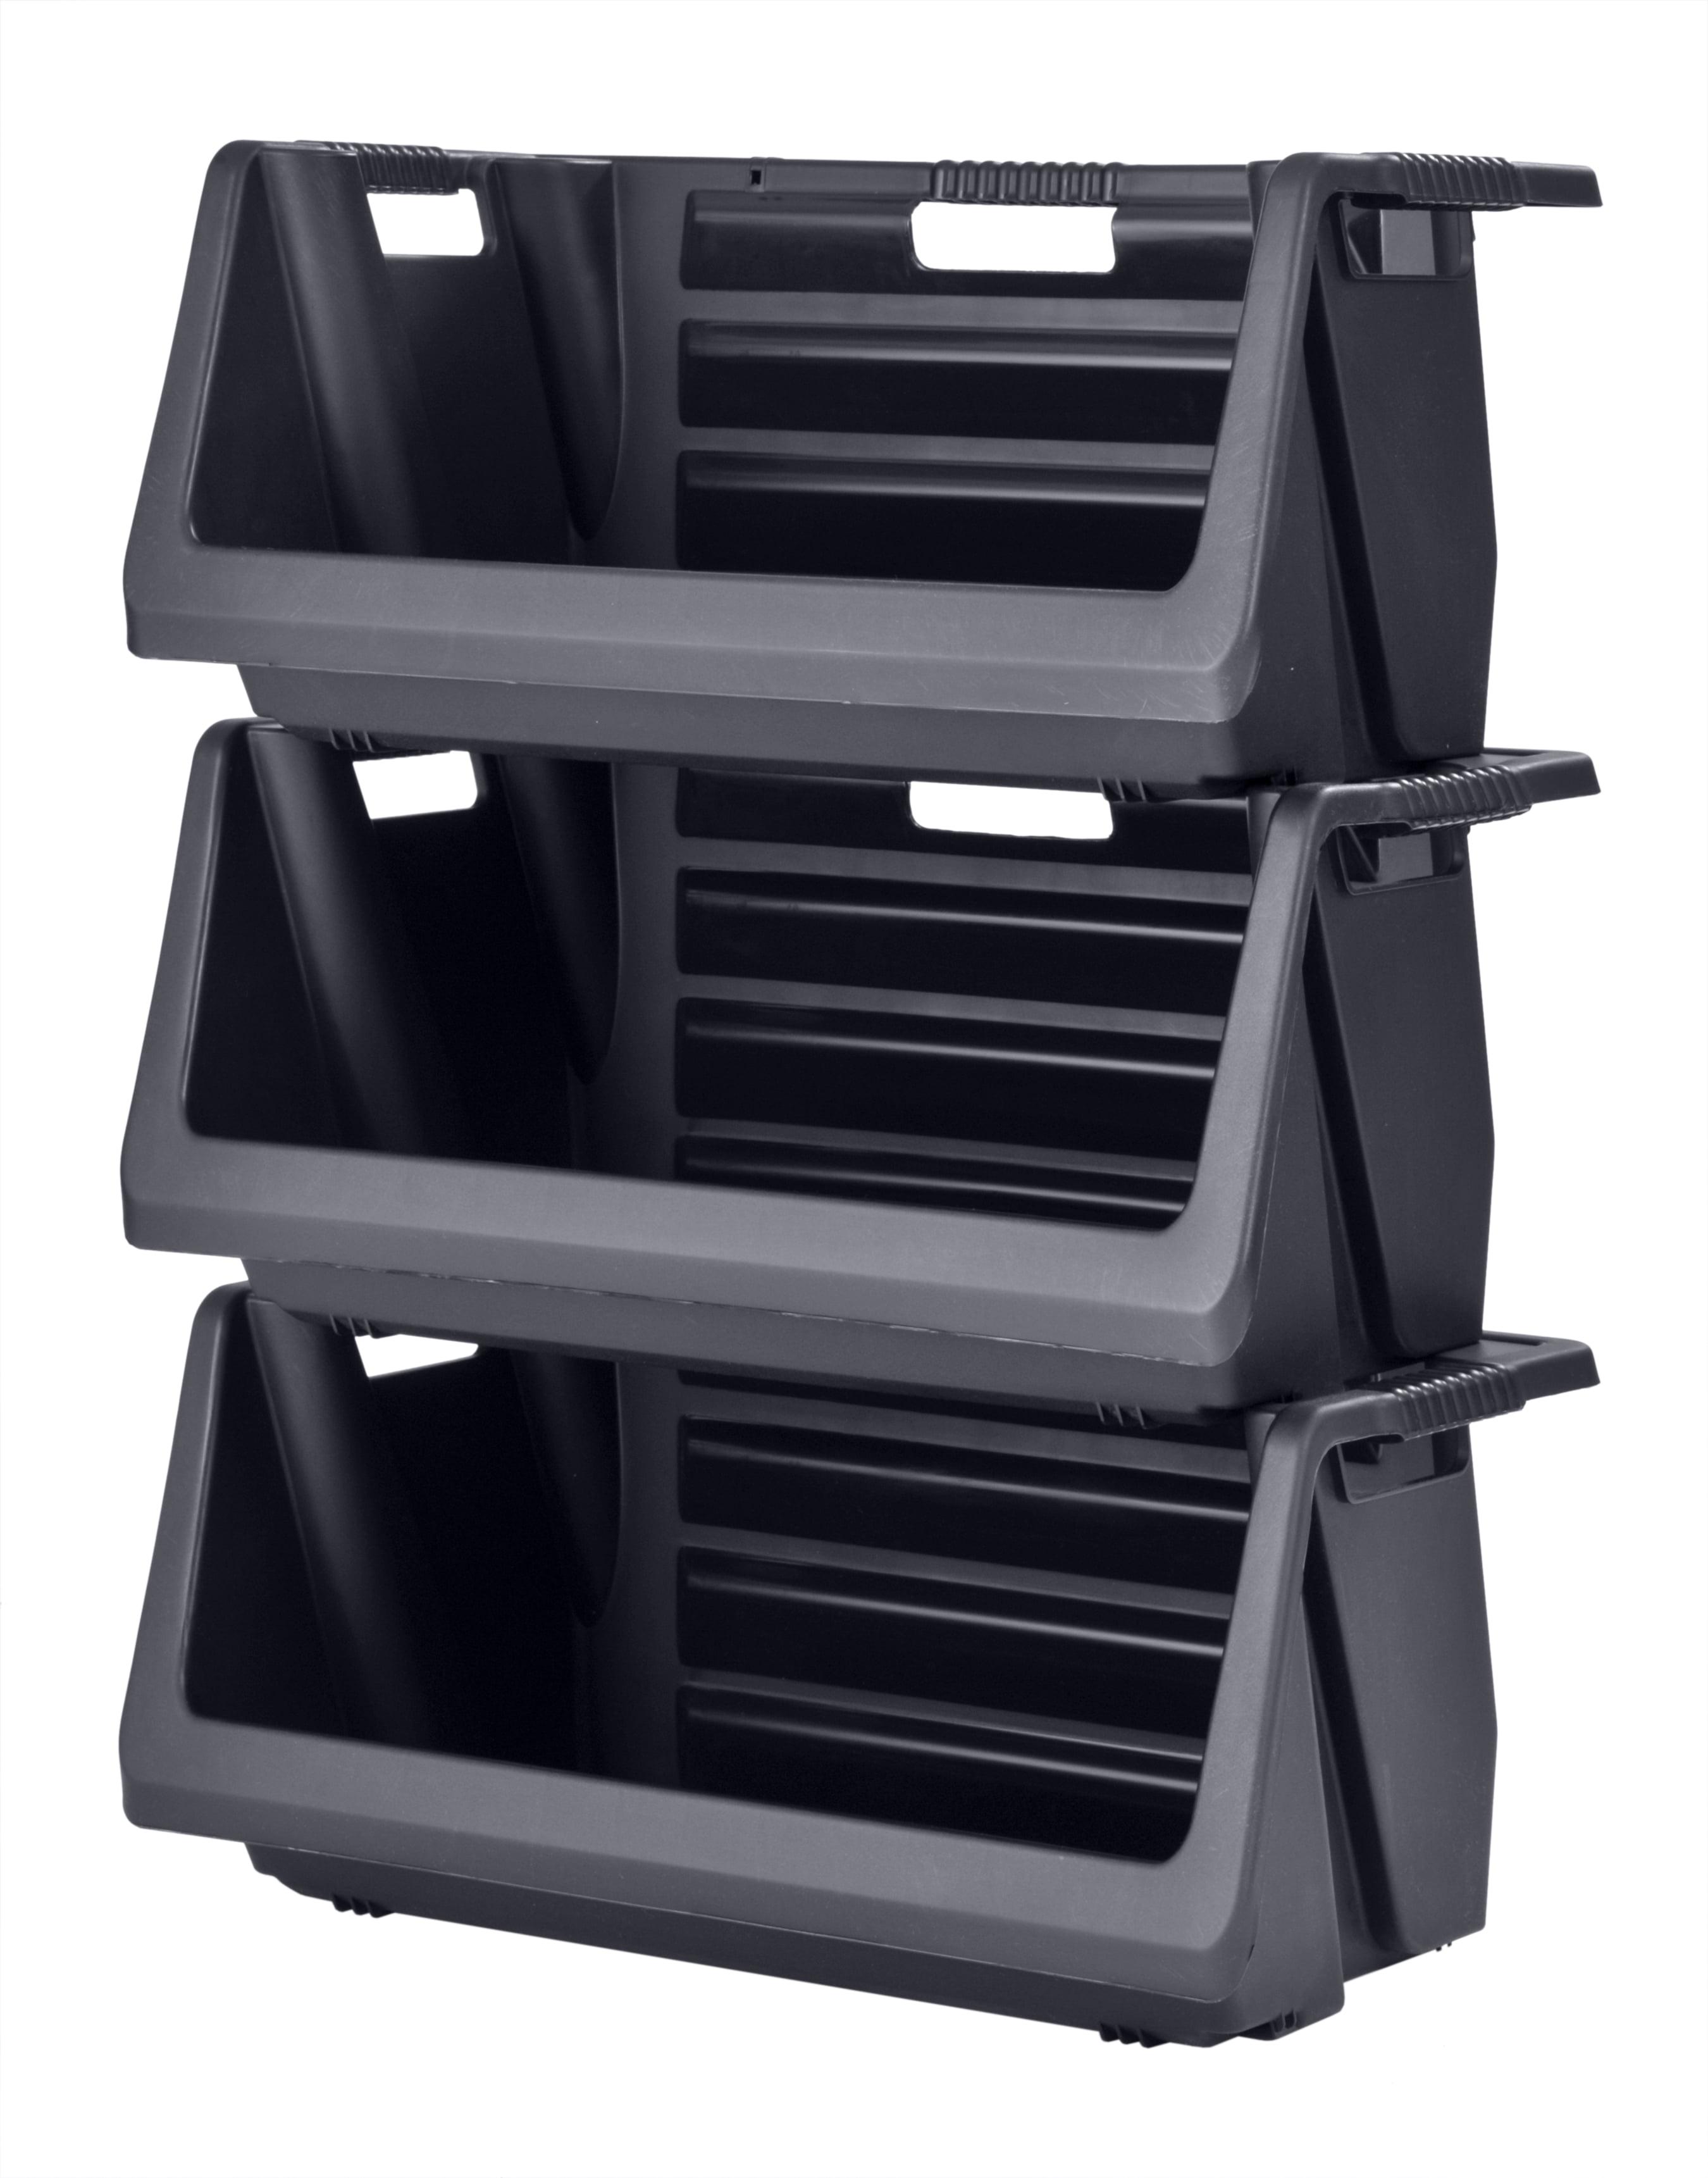 Muscle Rack Stackable Storage Bin in Black (3-Pack) by Muscle Rack